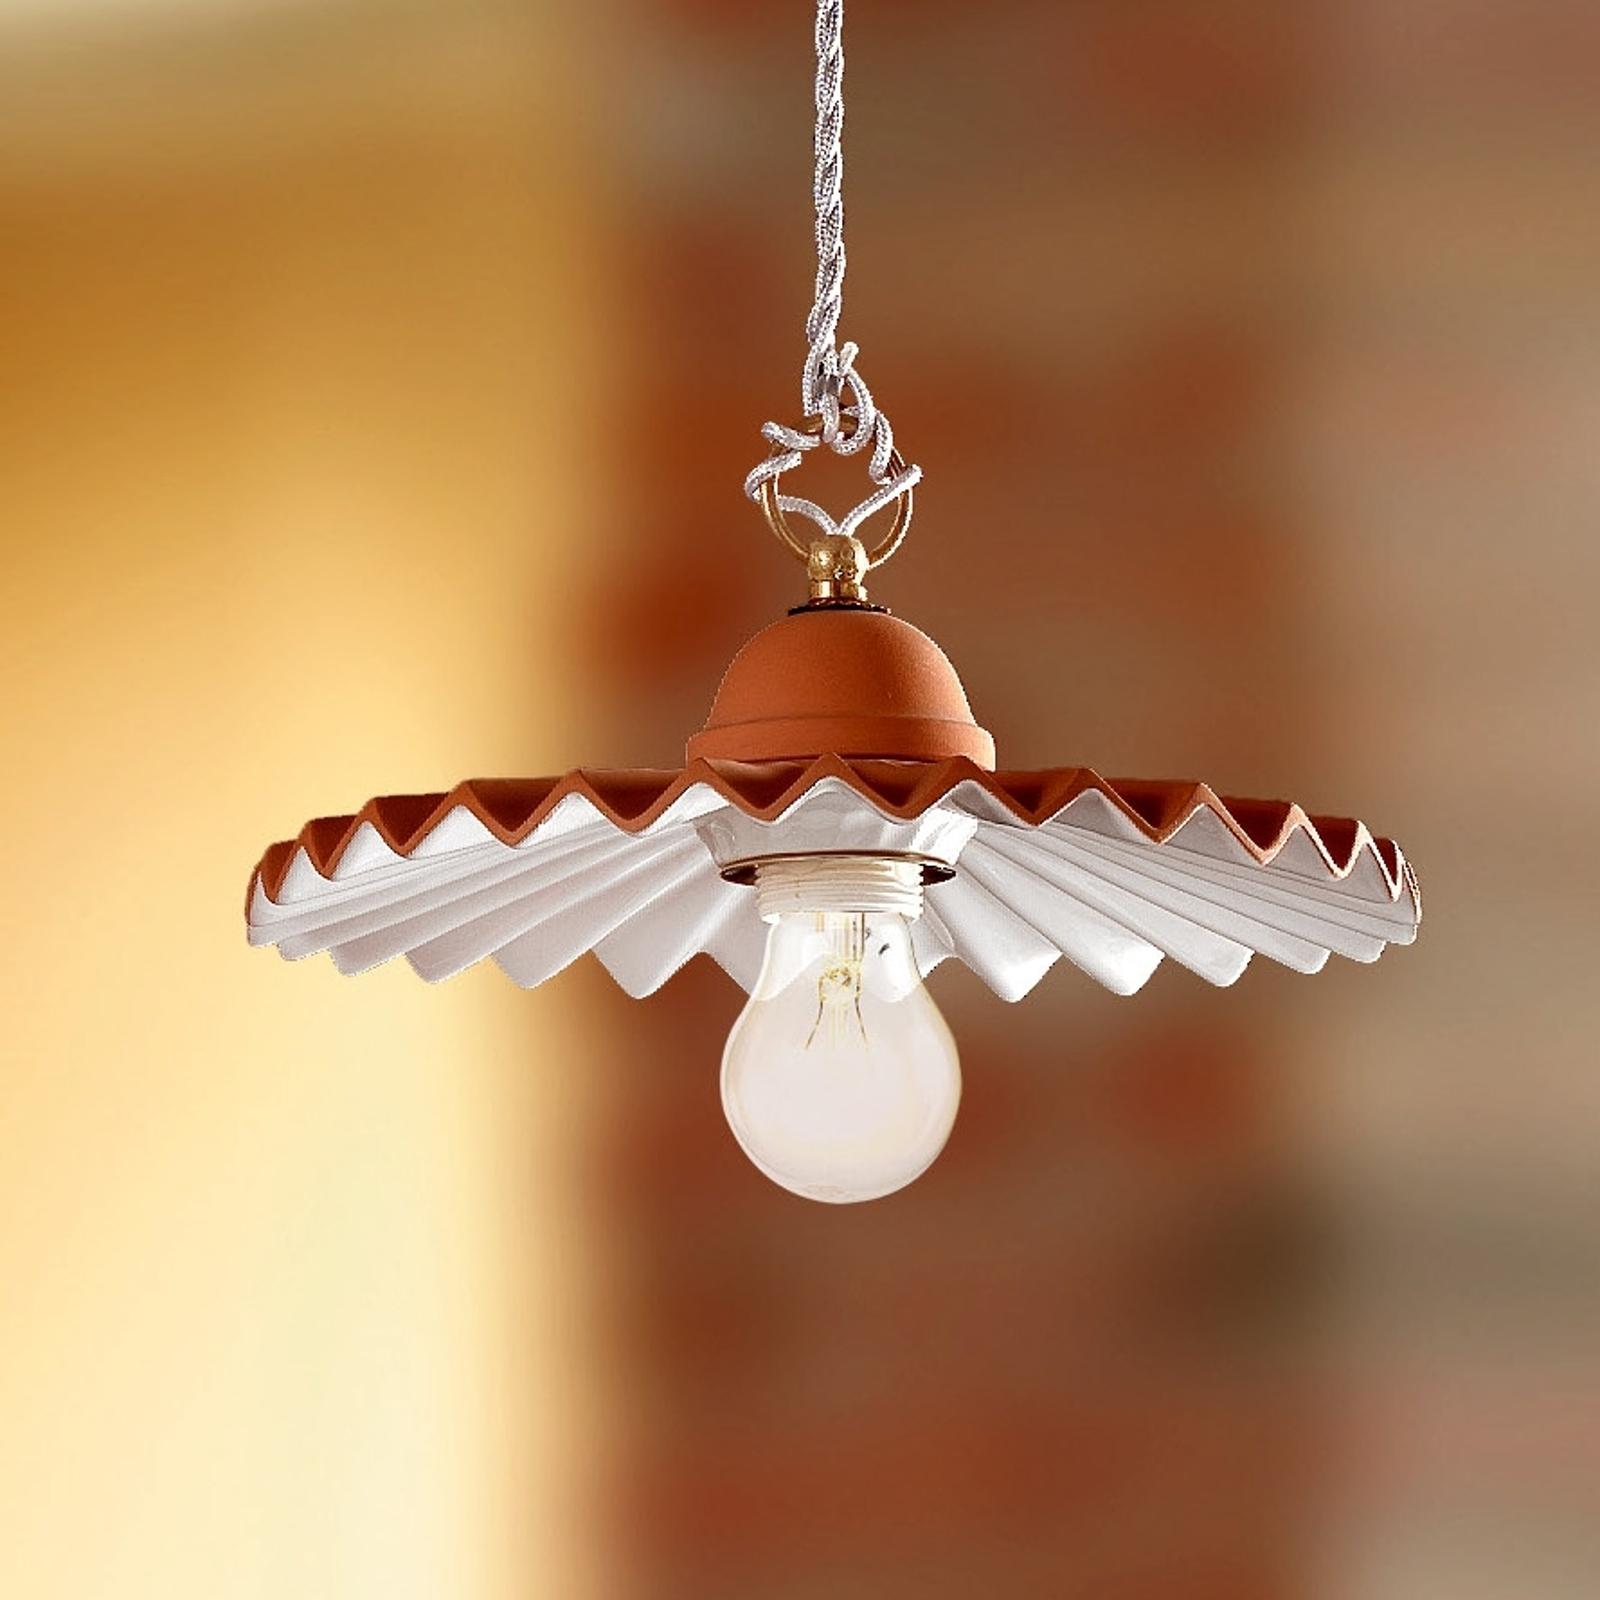 Závěsné světlo ARGILLA ve venkovském vzhledu 28 cm